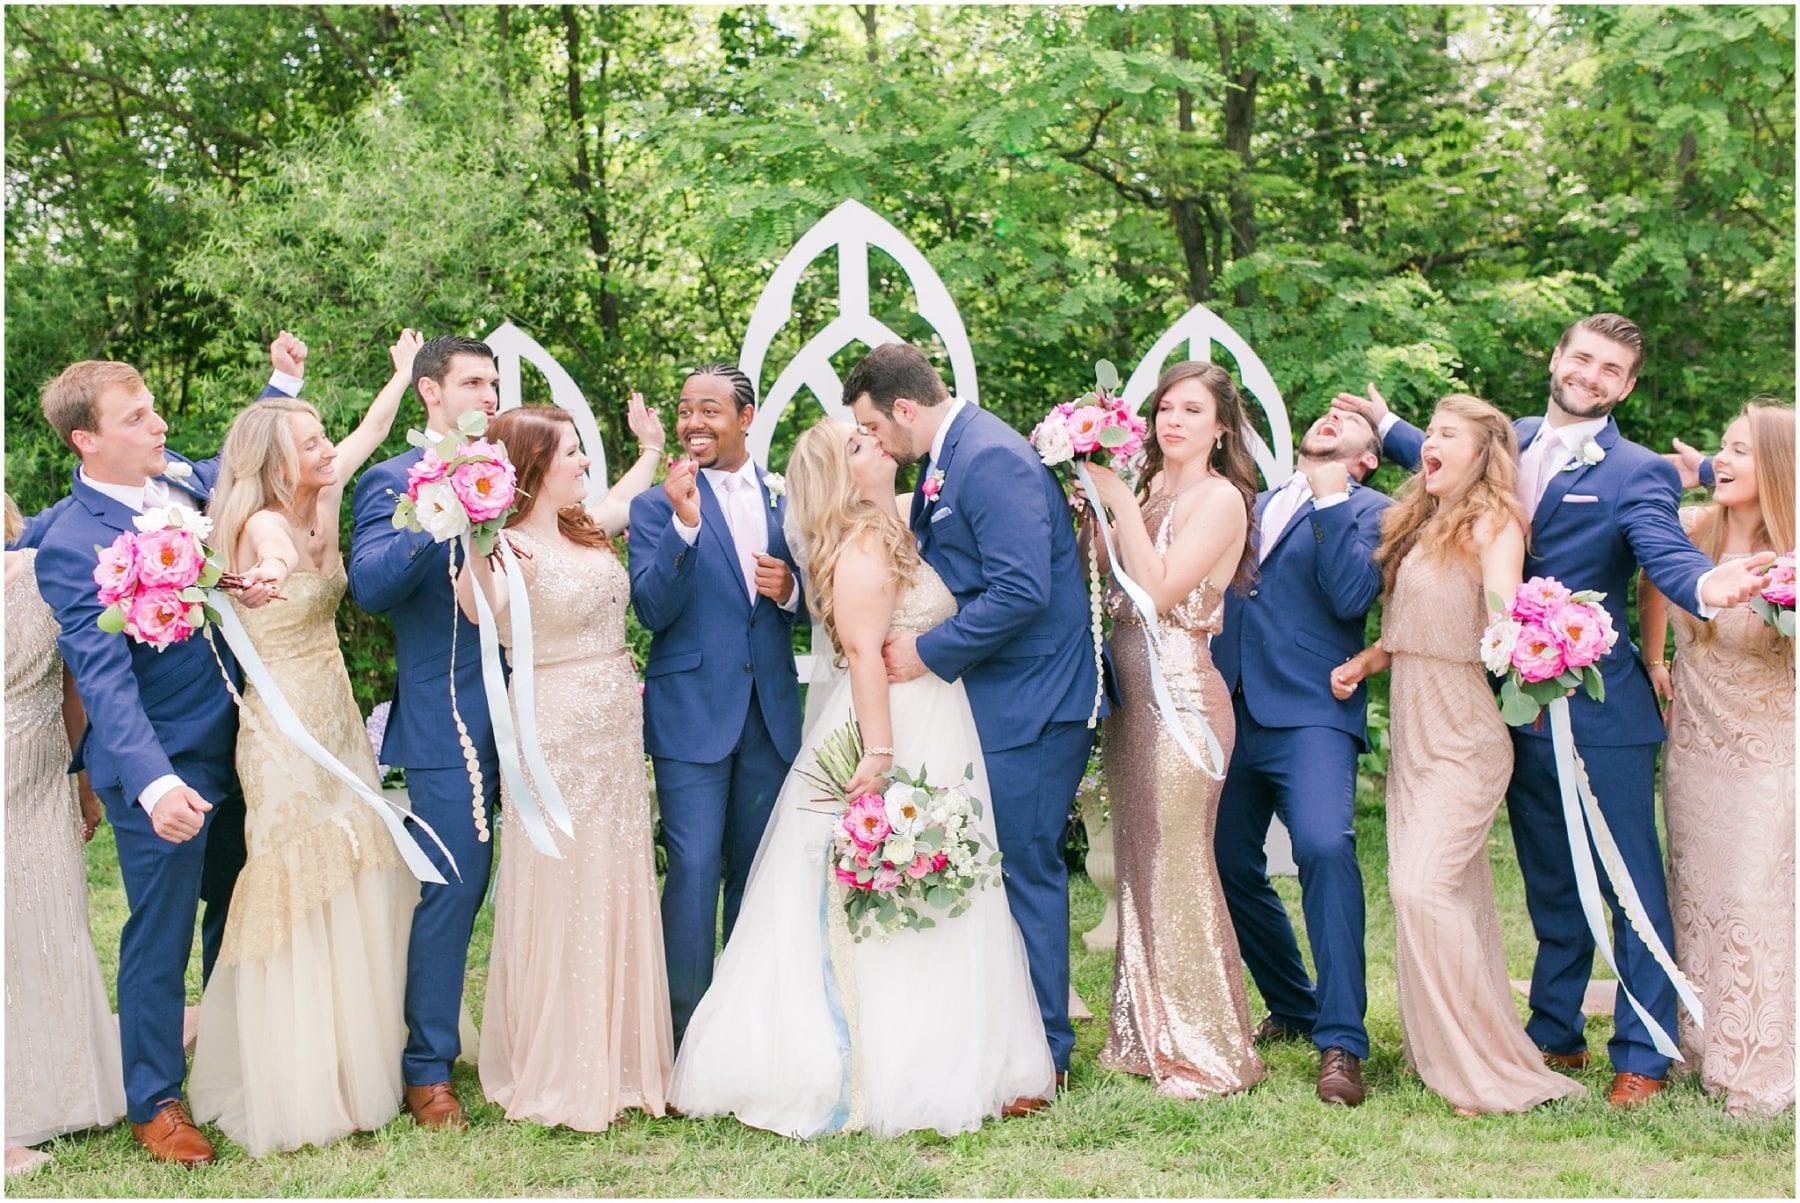 Maryland Backyard Wedding Photos Kelly & Zach Megan Kelsey Photography-142.jpg